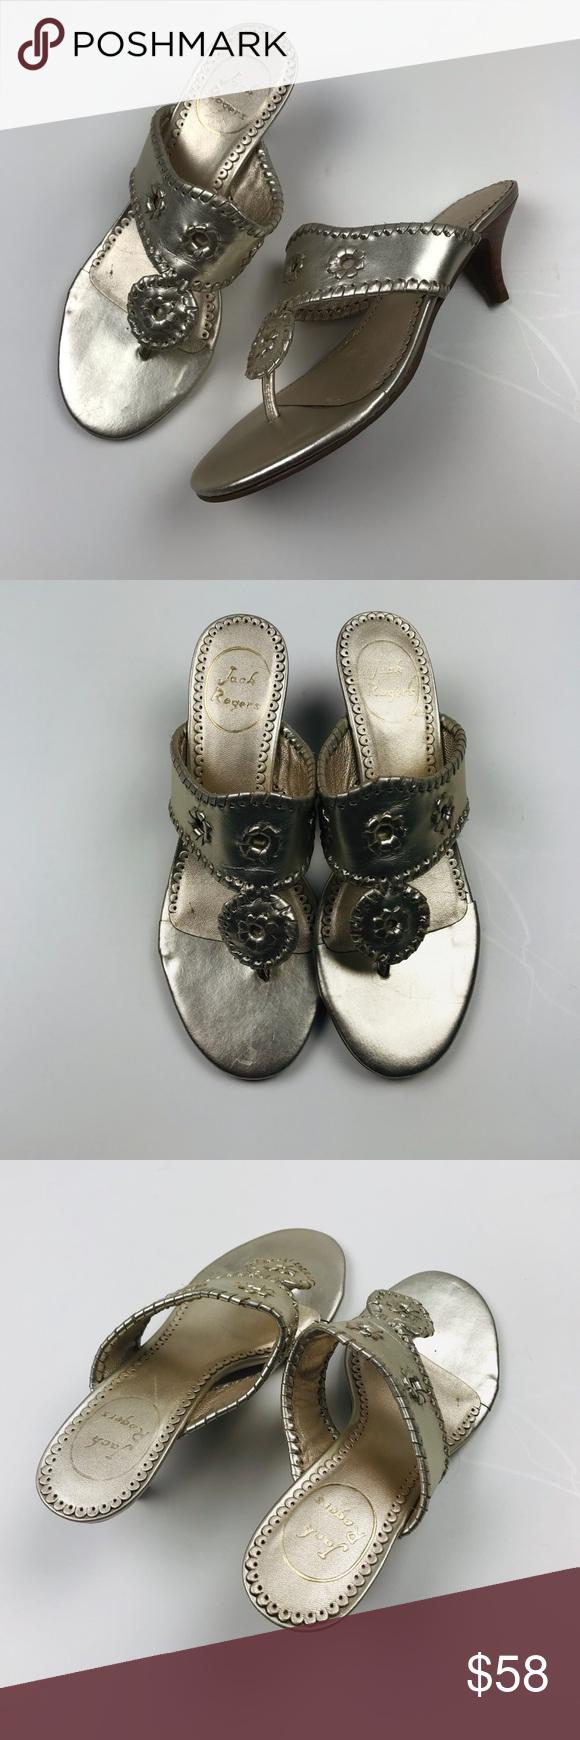 Jack Rogers Marina Kitten Heel Shoes Gold 6 With Images Kitten Heel Shoes Shoes Women Heels Kitten Heels